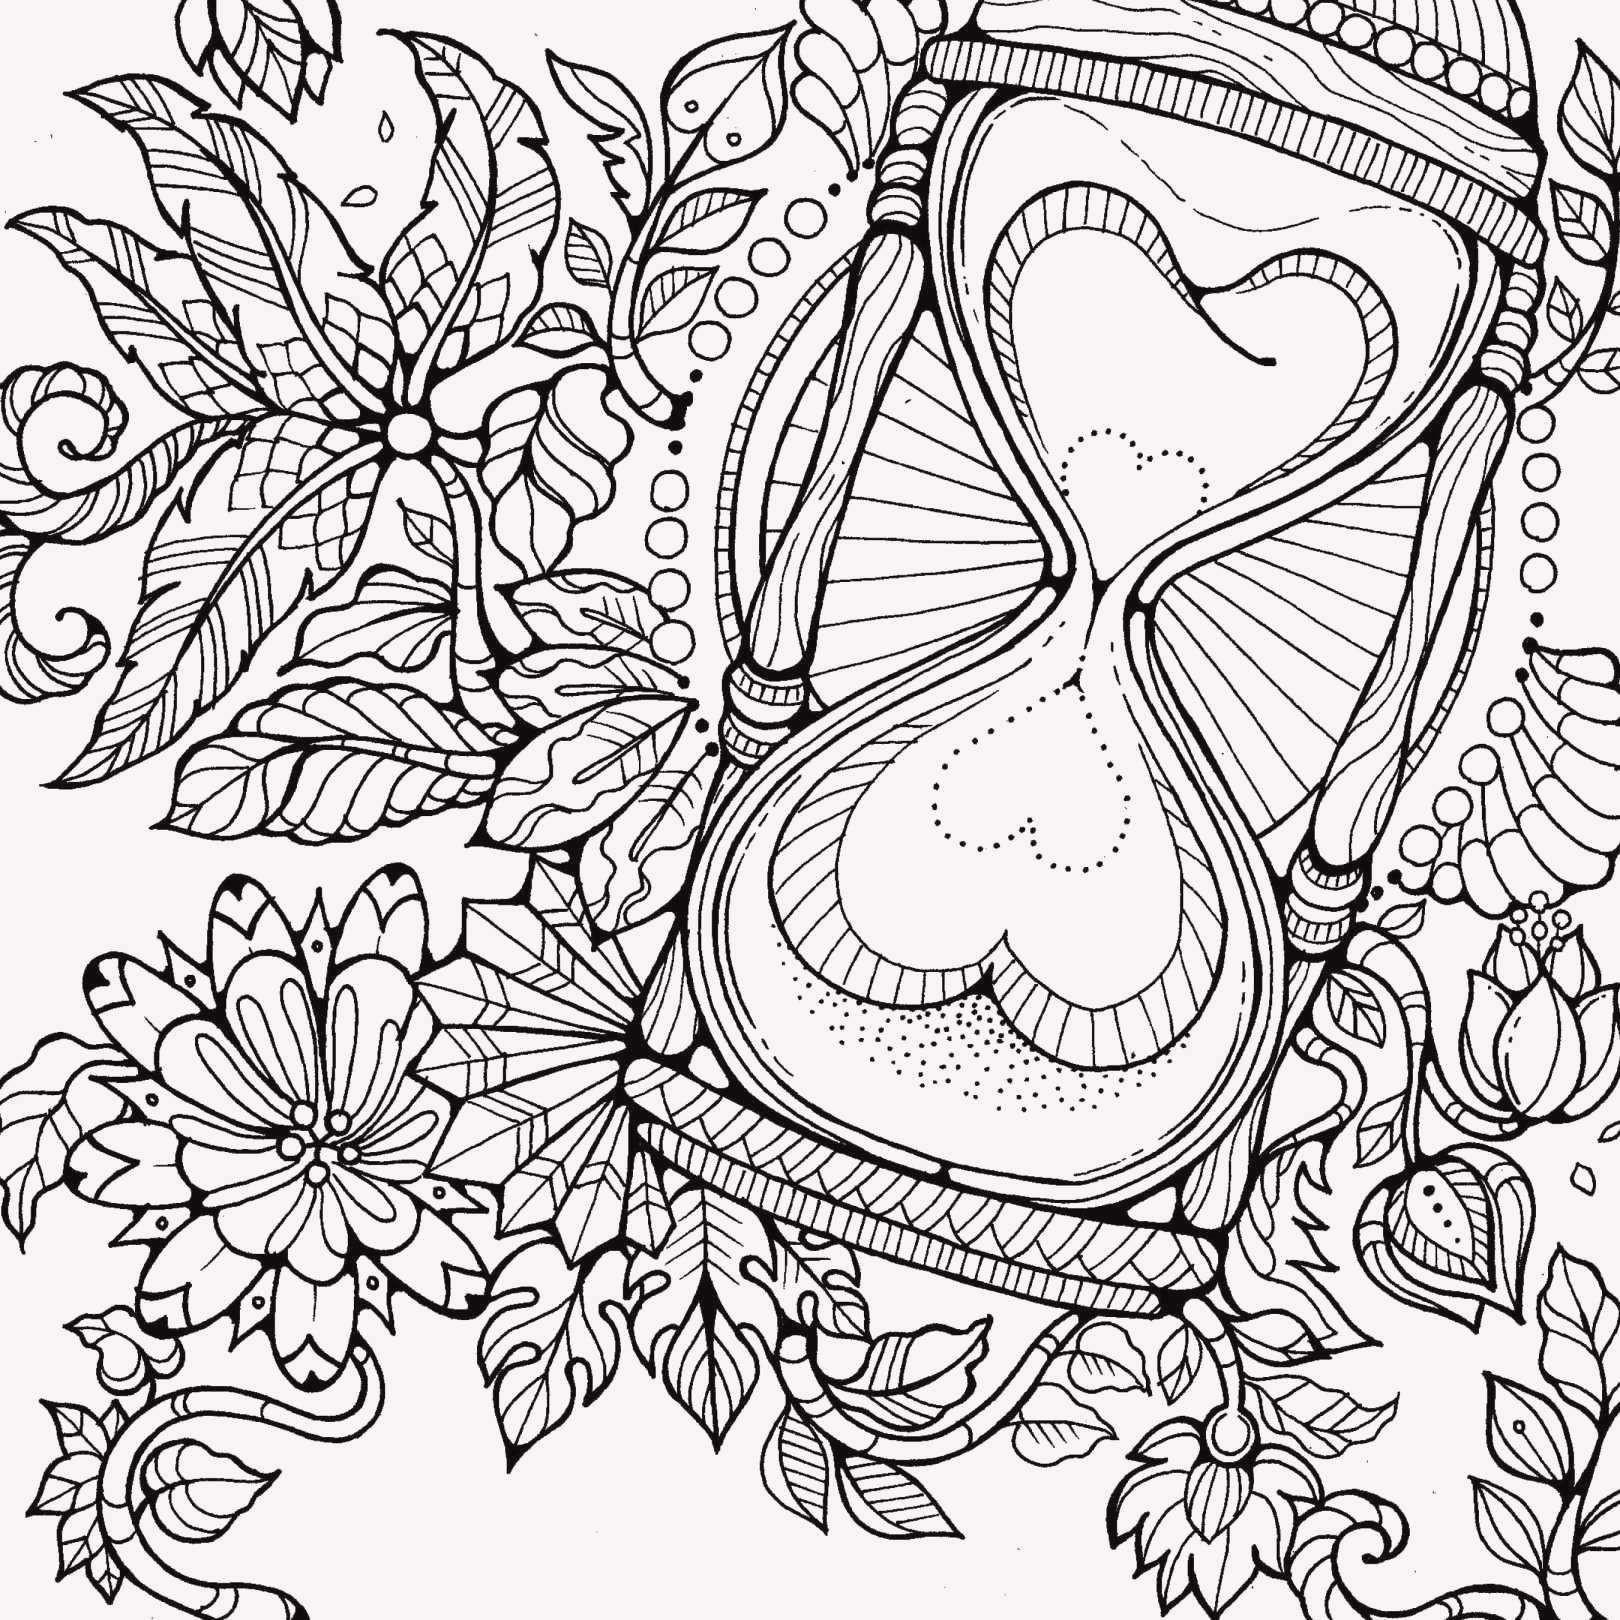 Ausmalbilder Von Violetta Das Beste Von 25 Erstaunlich Ausmalbilder Violetta Weihnachten Design Ideen Von Sammlung